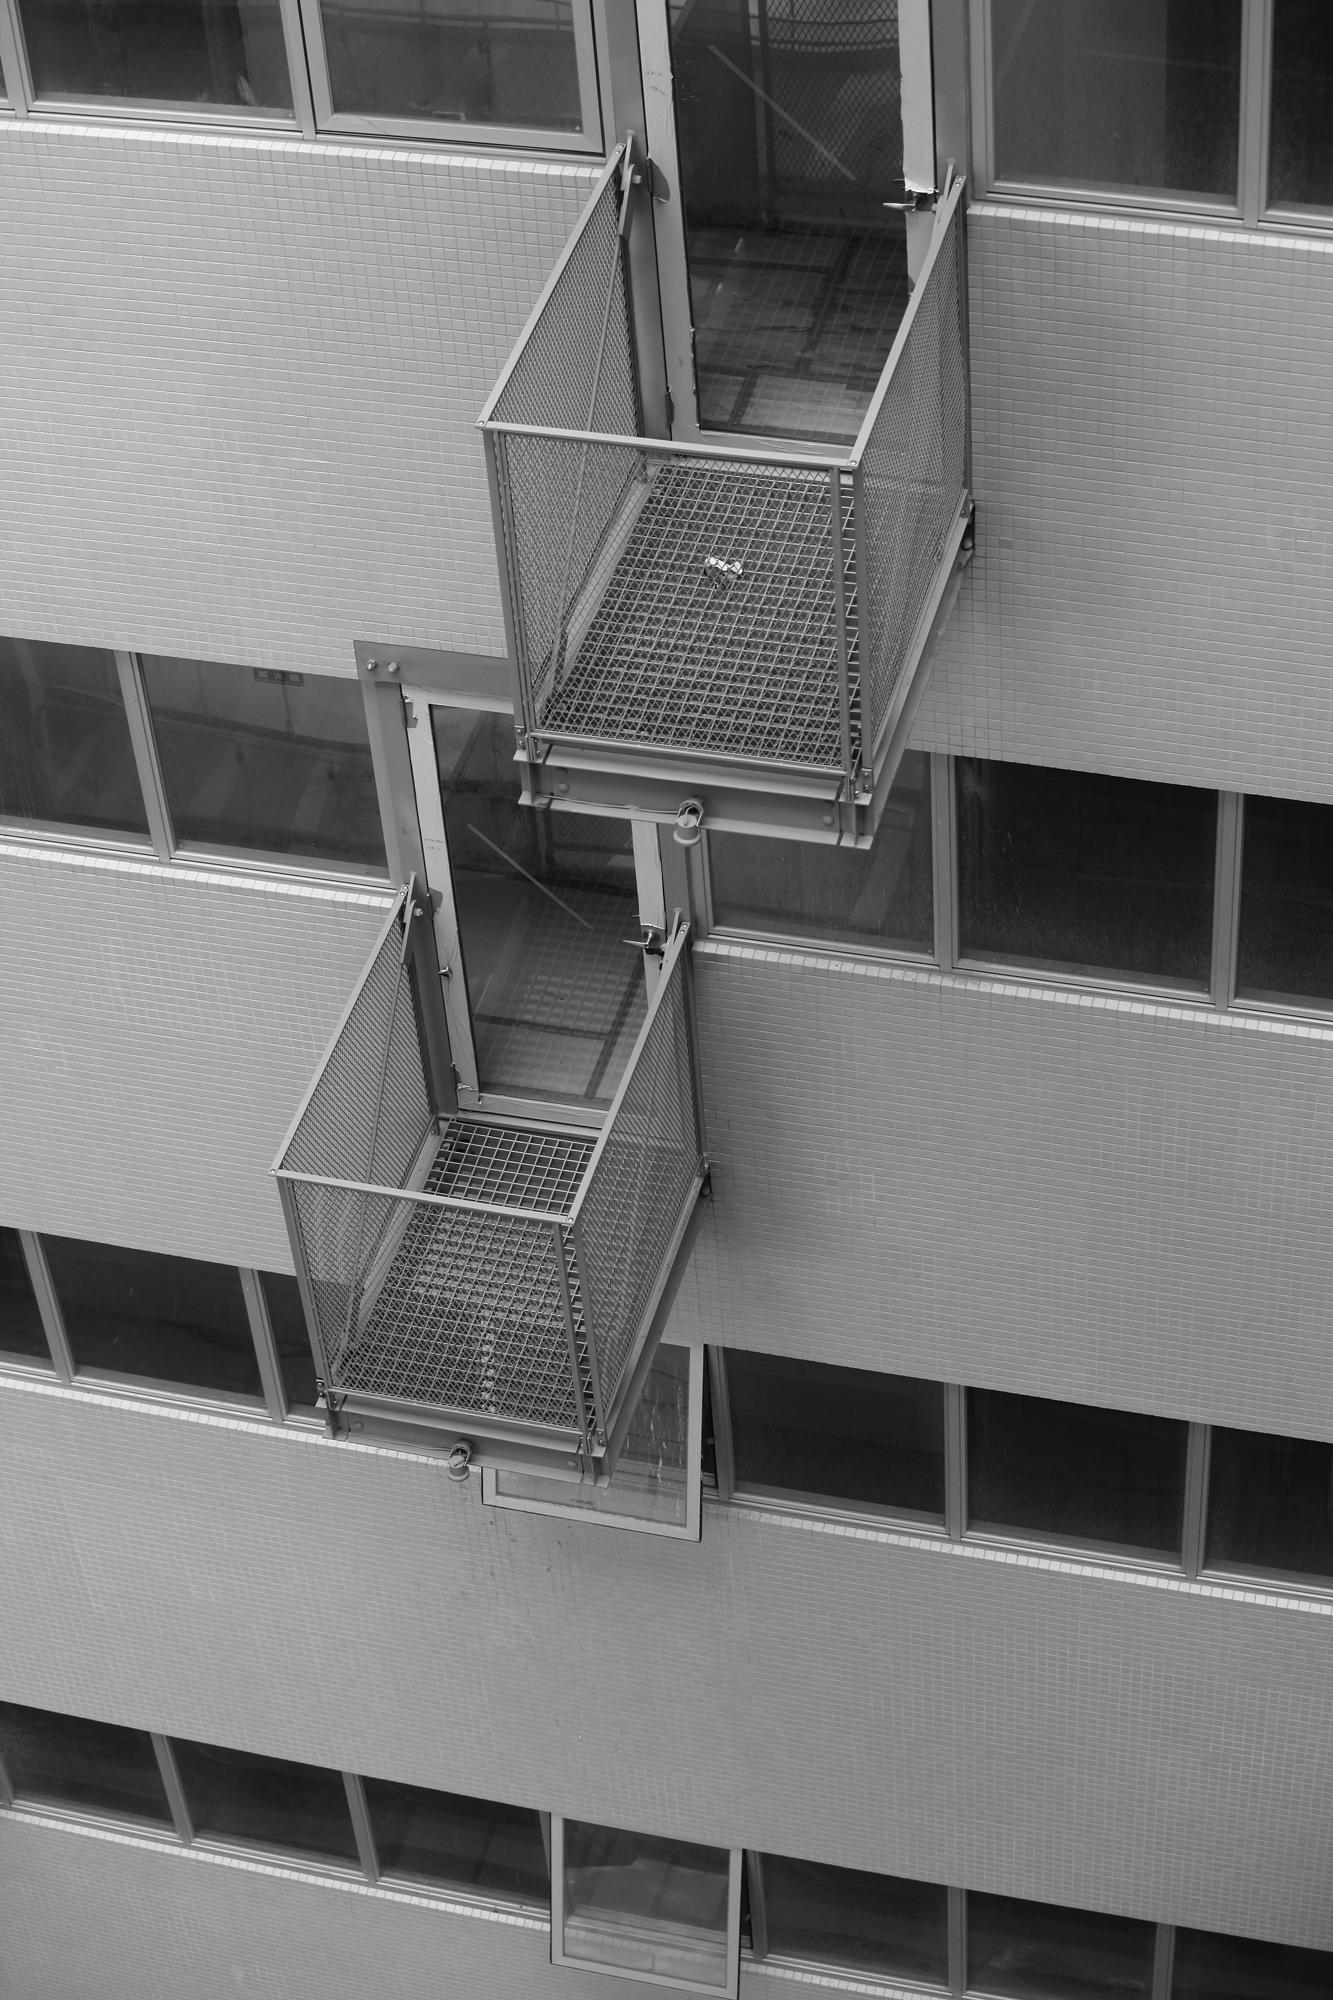 惠友遠見辦公層走廊上有突出大樓內部立面的單人陽台